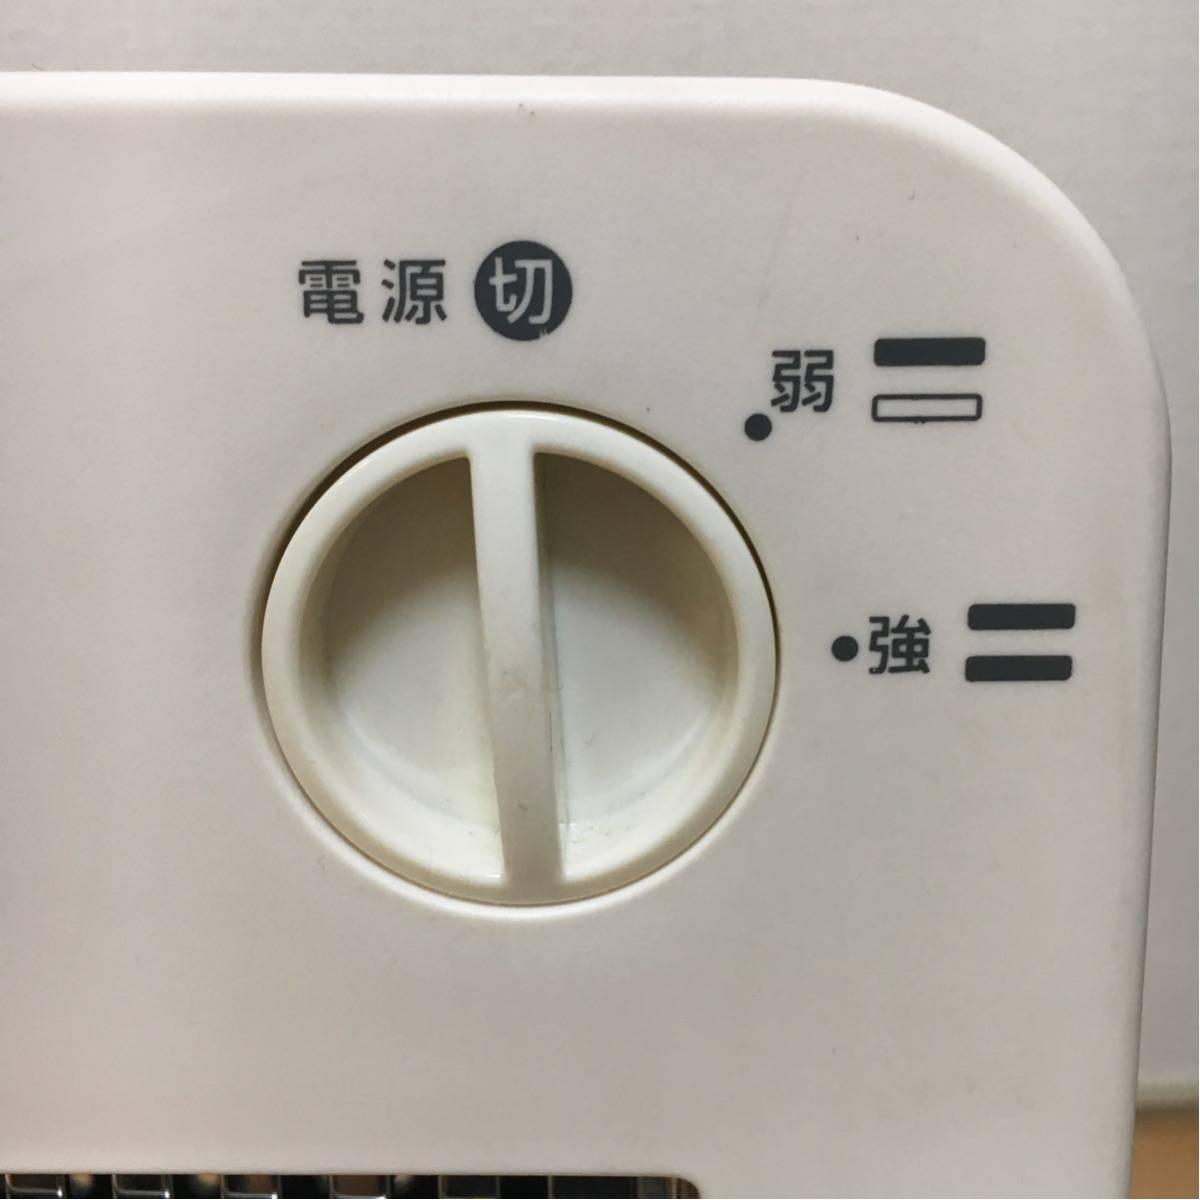 【美品】電気ストーブ ヒーター TEKNOS 800W 暖房器具 動作確認済み 転倒OFFスイッチ_画像4